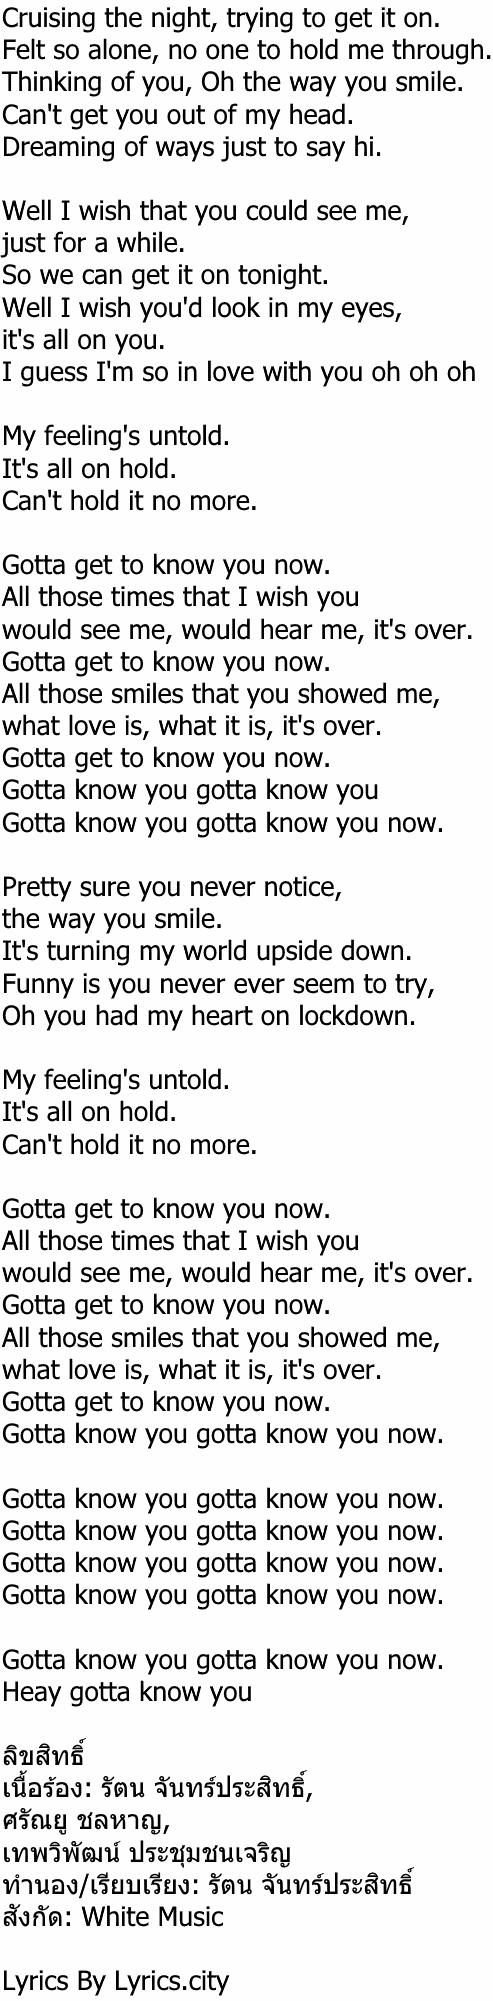 เนื้อเพลง Get to know you - เป๊ก ผลิตโชค